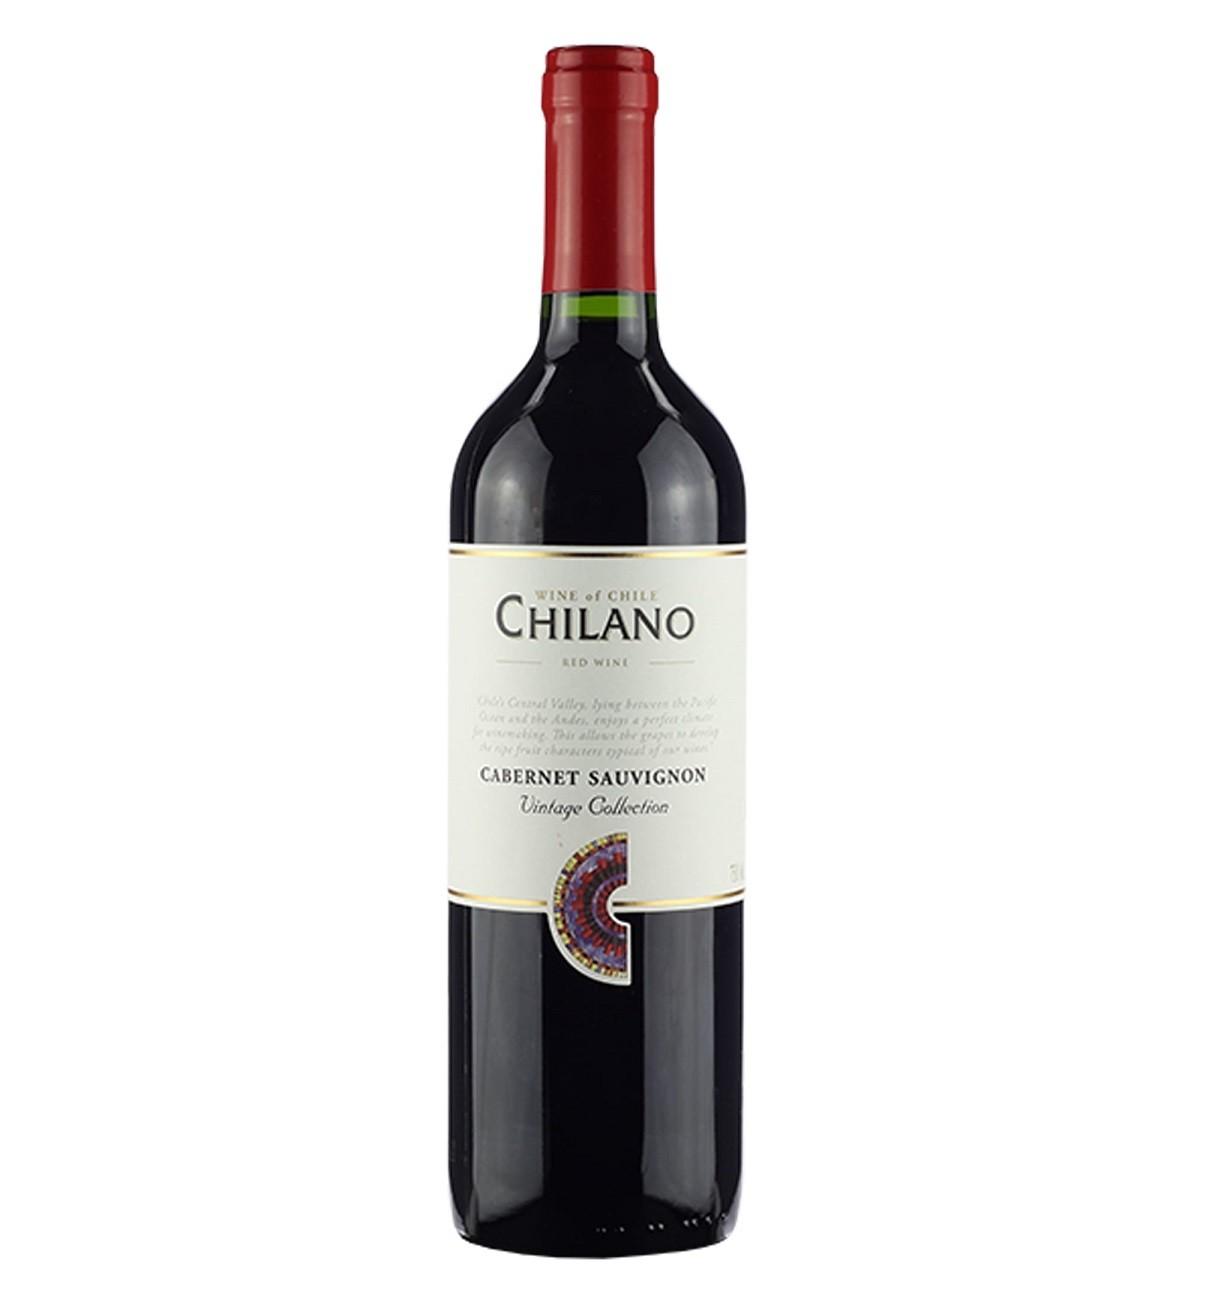 VINHO CHIL. CHILANO TTO. CAB. SAUVIGNON 750ML